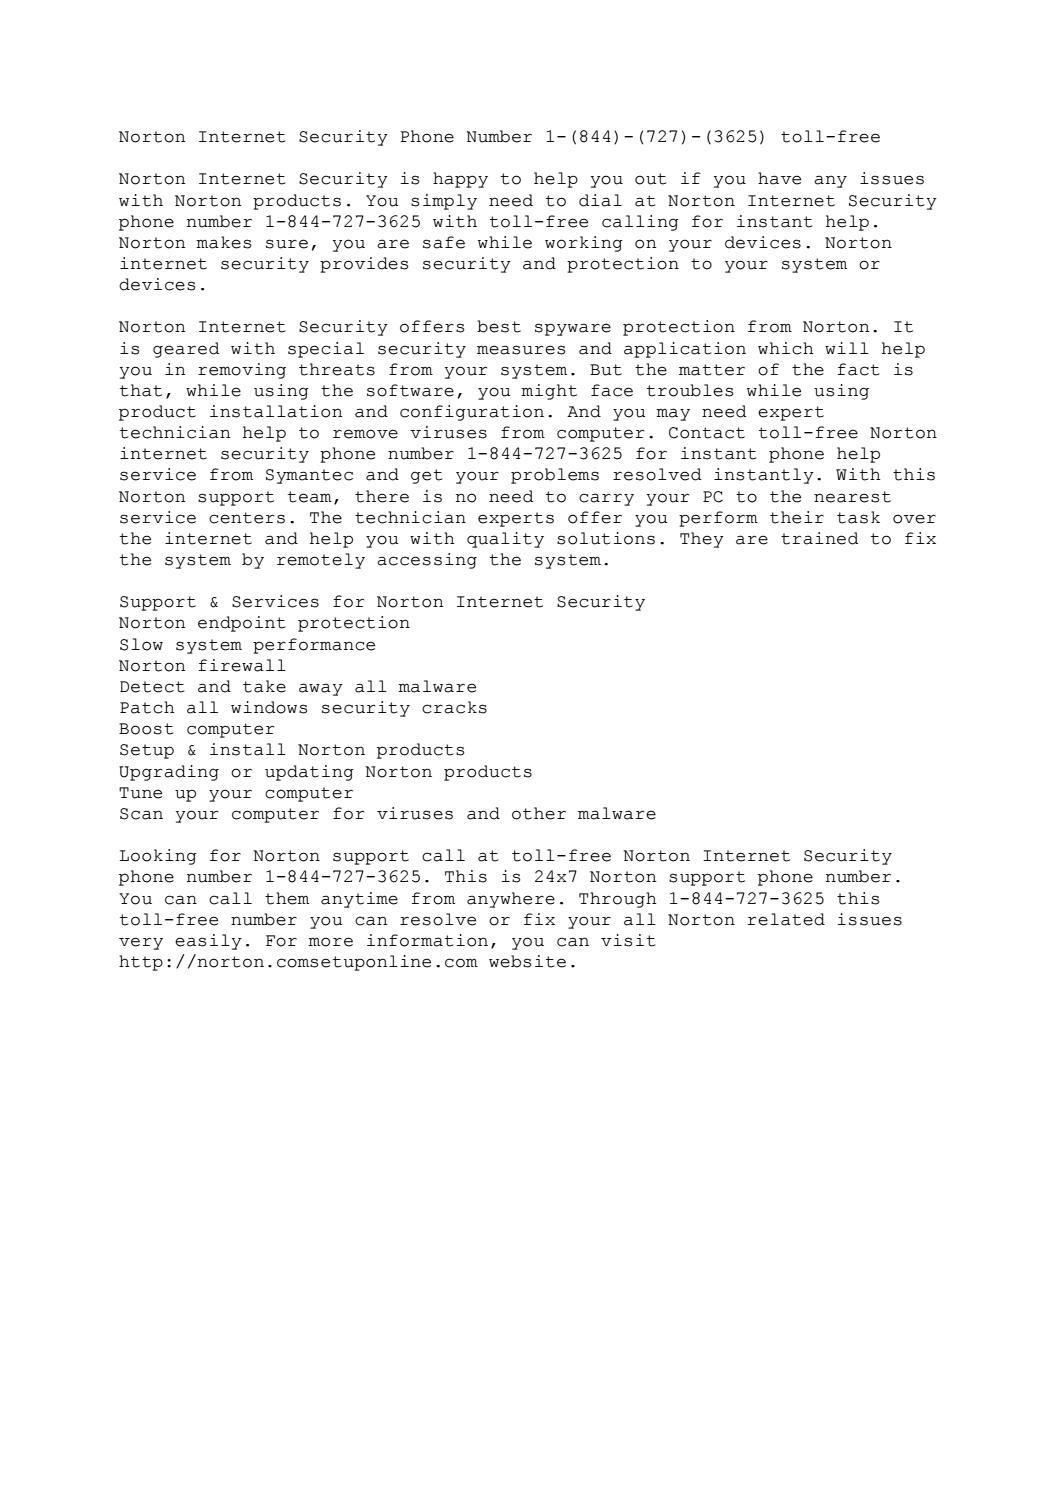 Windows Installer Repair Norton Internet Security